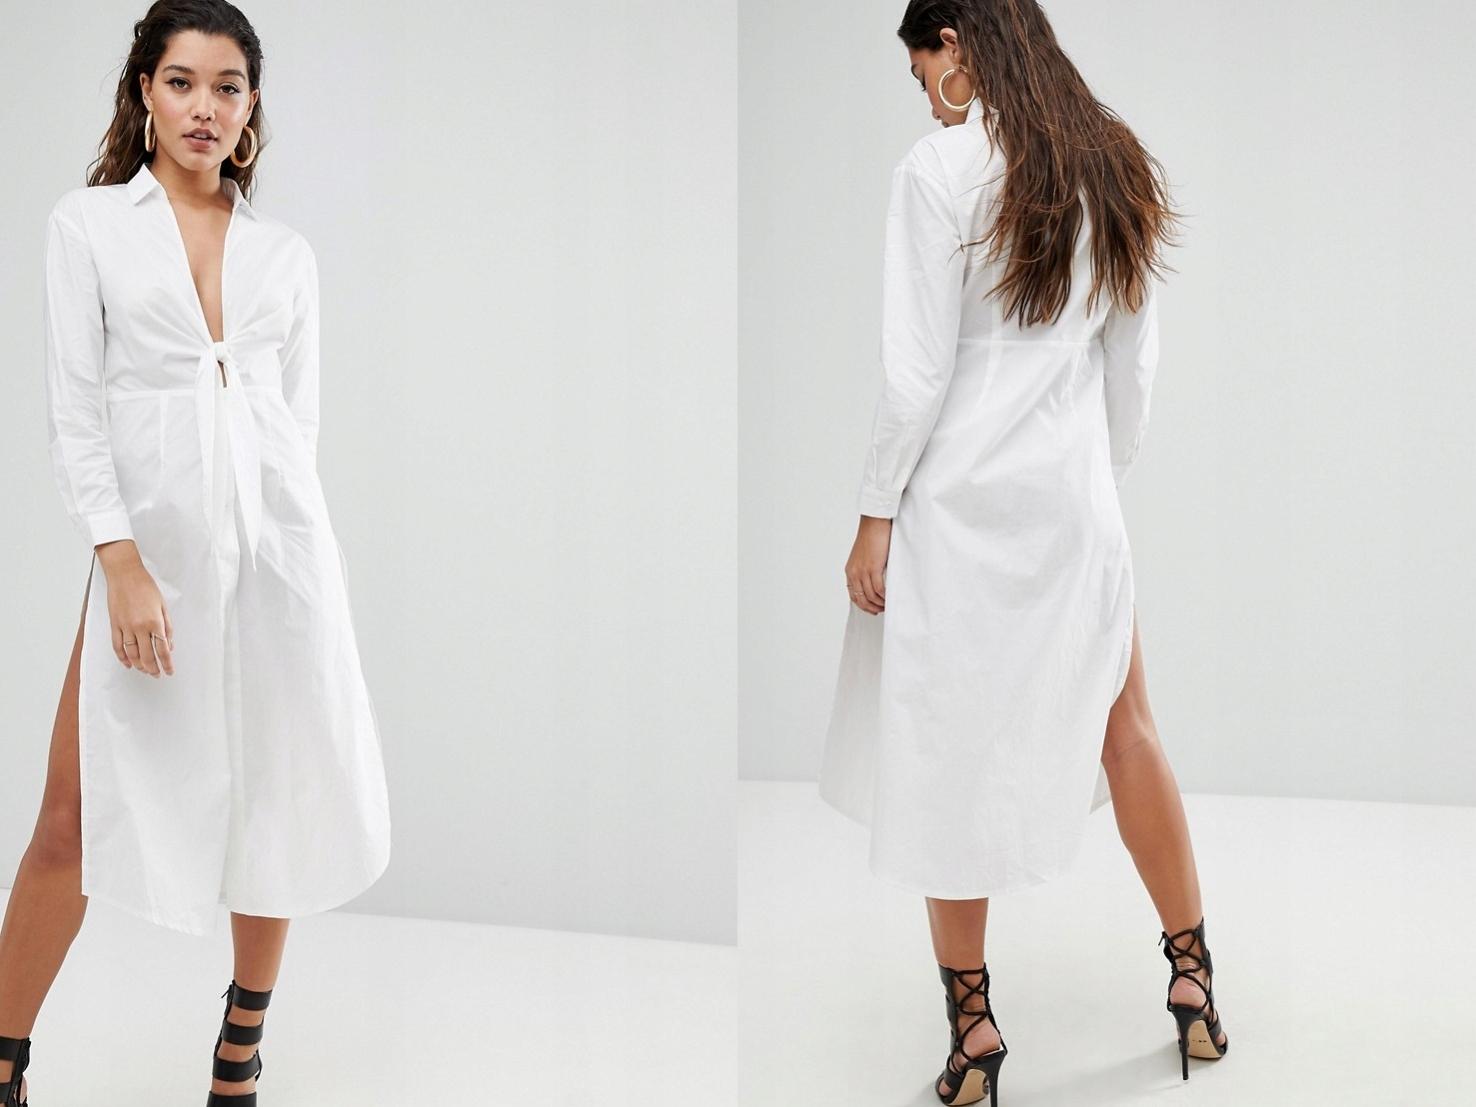 4a55659273 Parallel Lines Sukienka z Kołnierzykiem M - 7443100768 - oficjalne ...